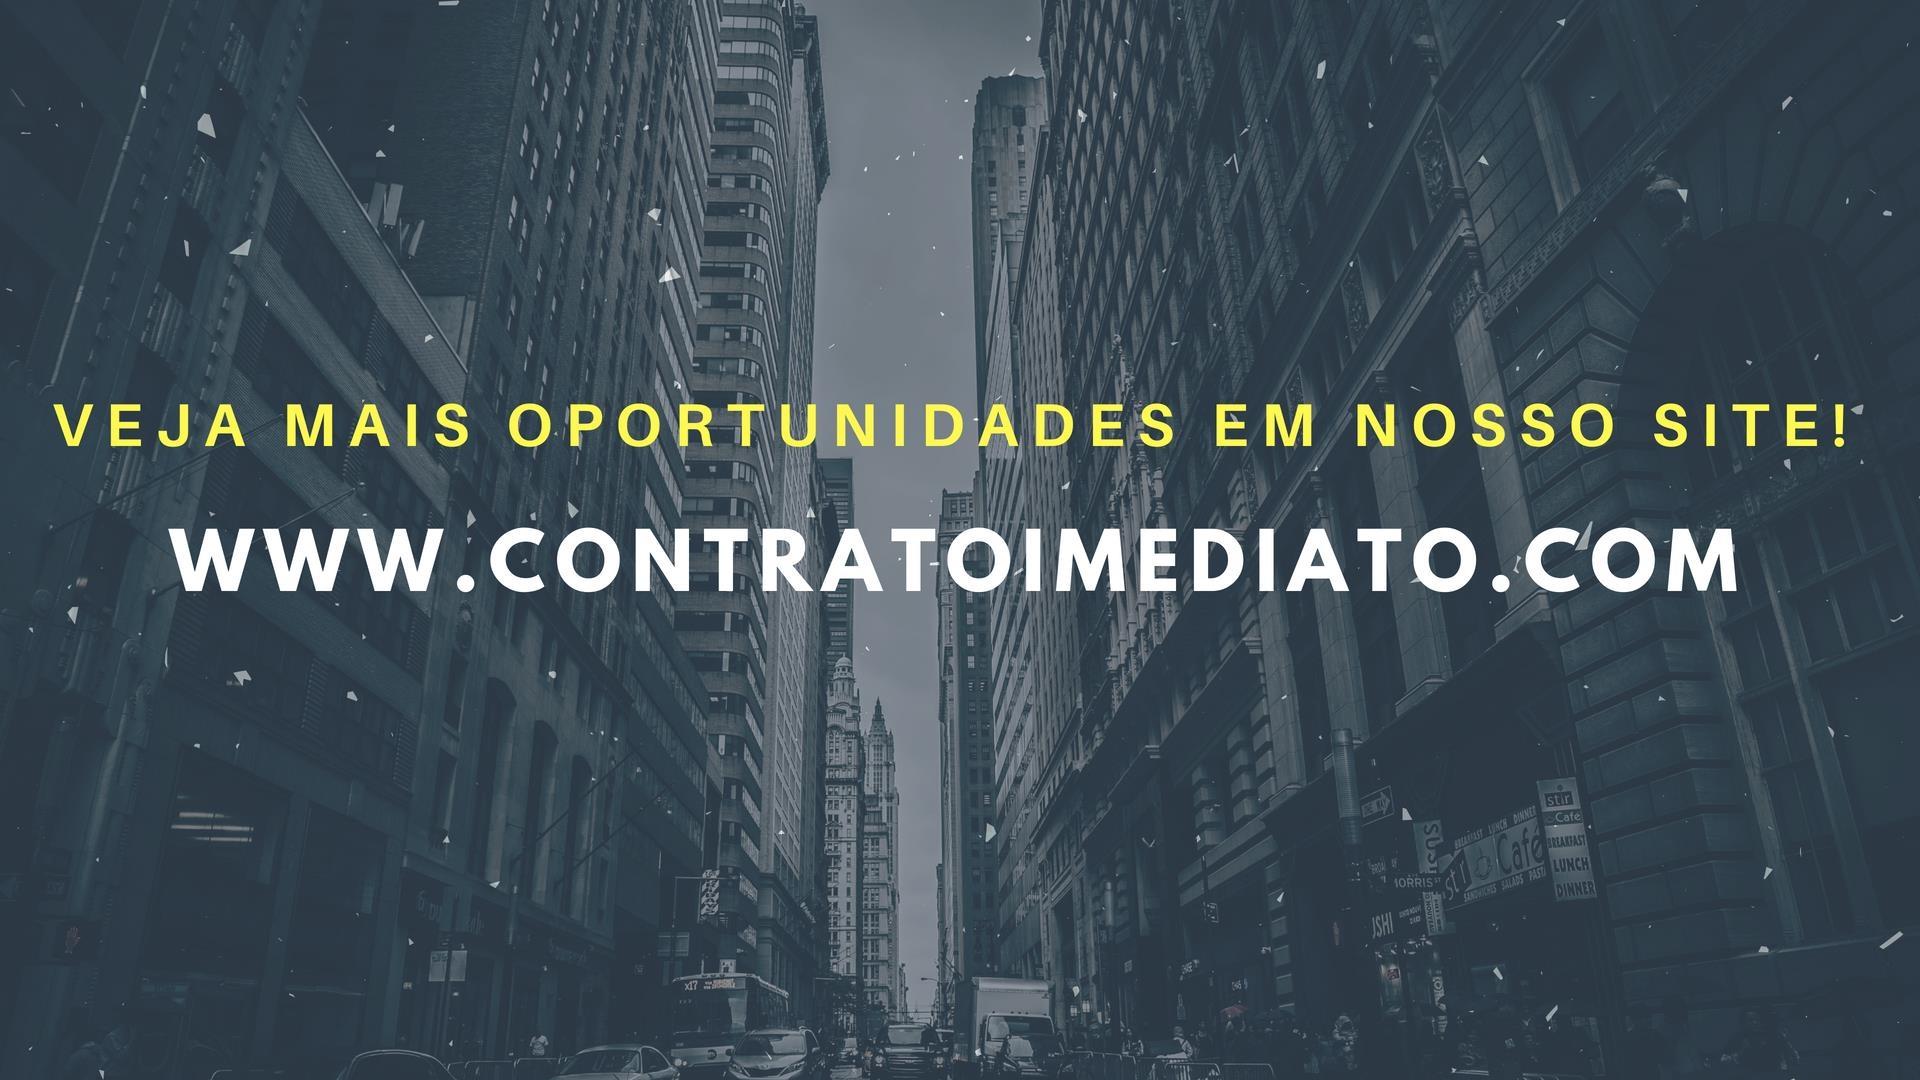 Contrato Imediato E (@contratoimediato) Cover Image